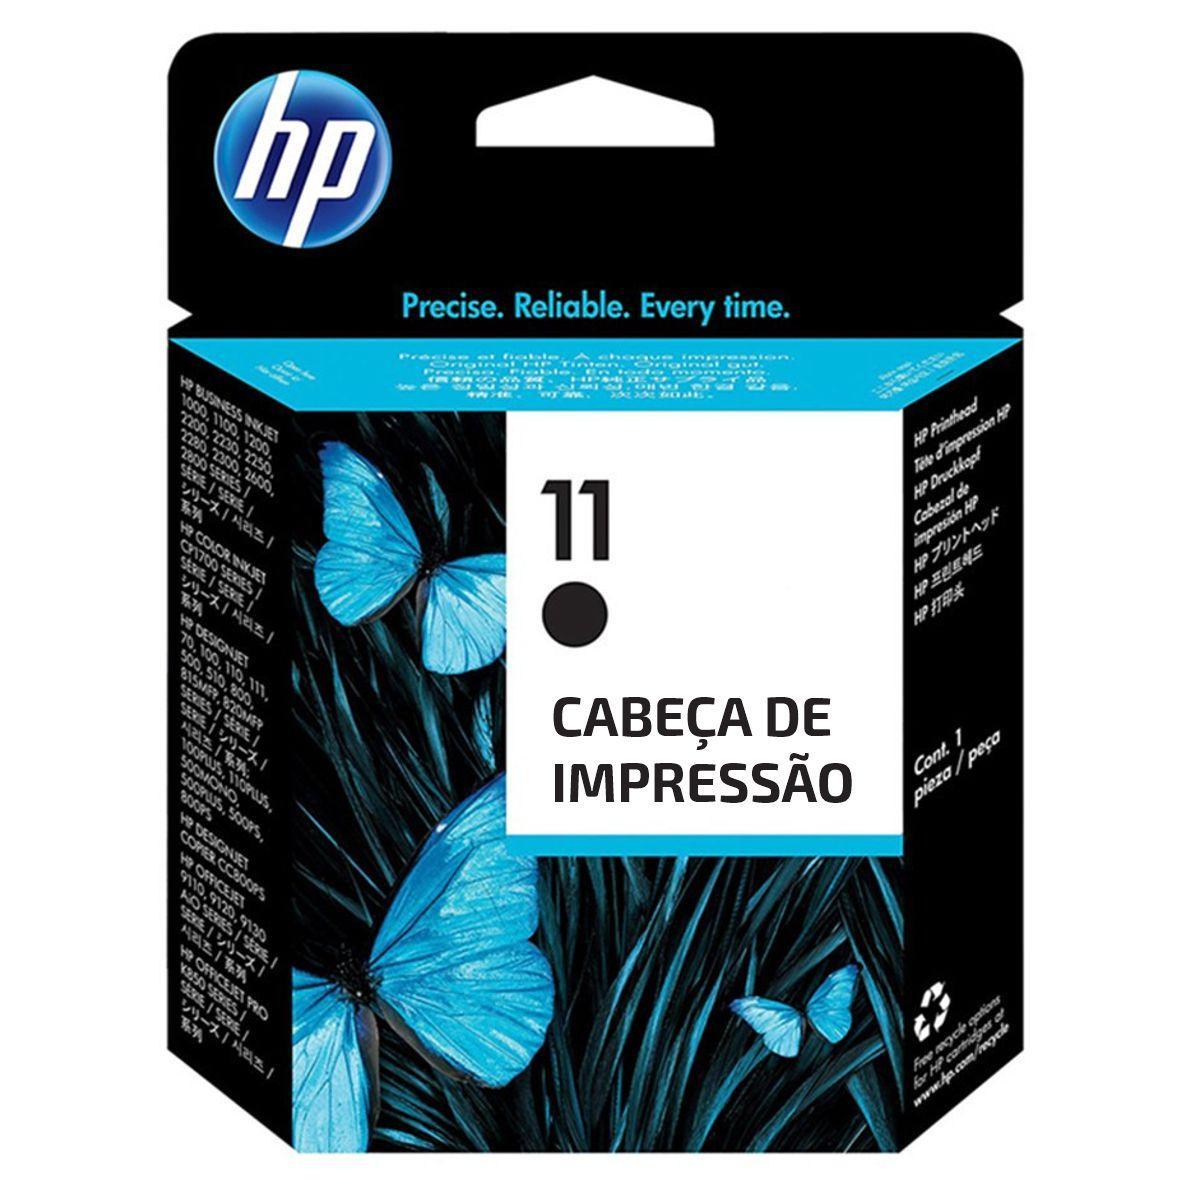 Cabeçote de Impressão Original HP 11 Preto (Vencido - Porém Funciona)